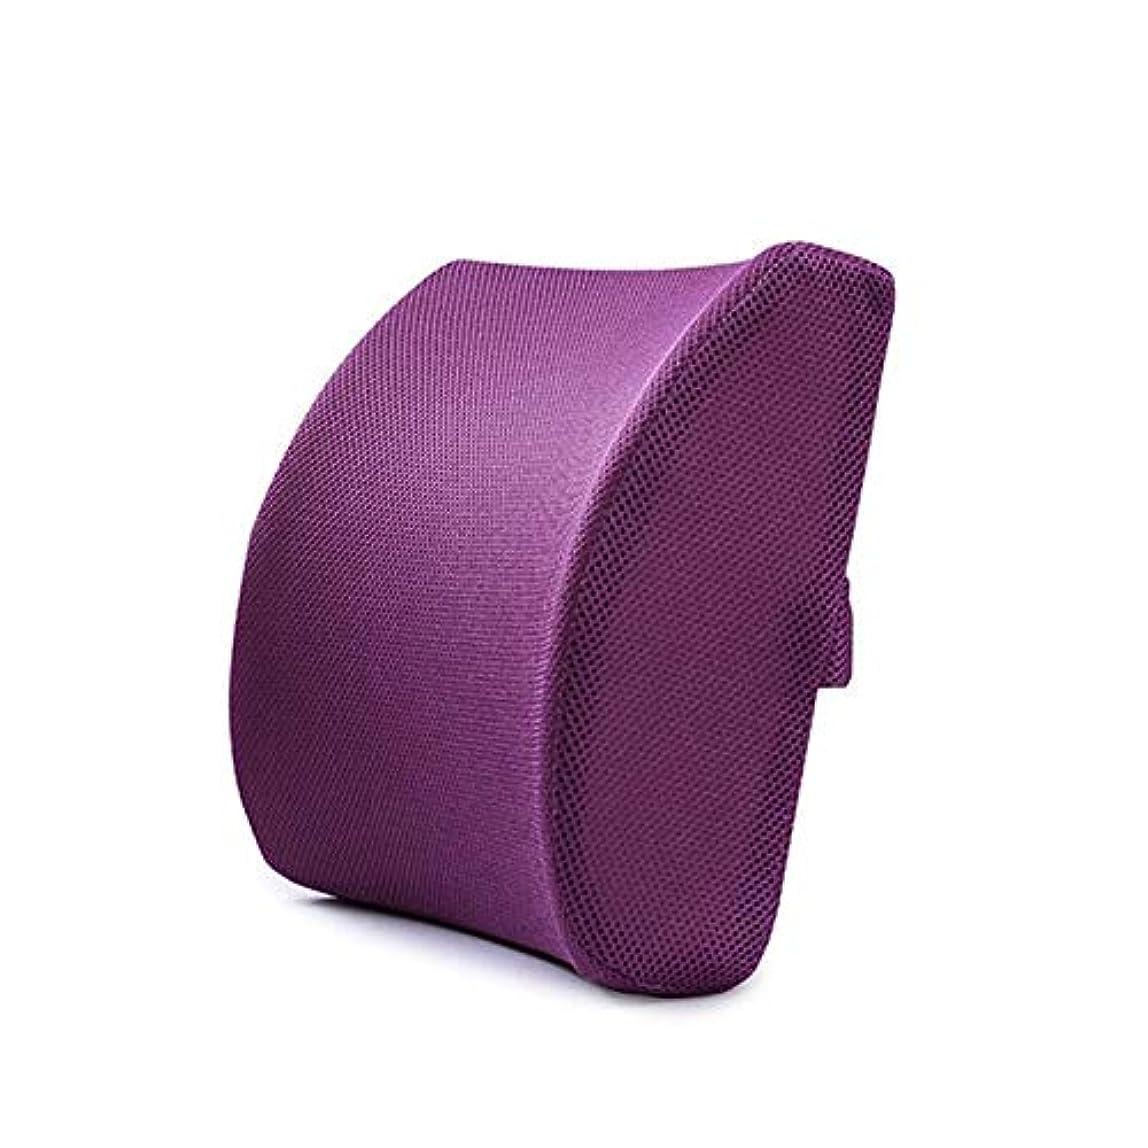 信頼性のある天泥棒LIFE ホームオフィス背もたれ椅子腰椎クッションカーシートネック枕 3D 低反発サポートバックマッサージウエストレスリビング枕 クッション 椅子